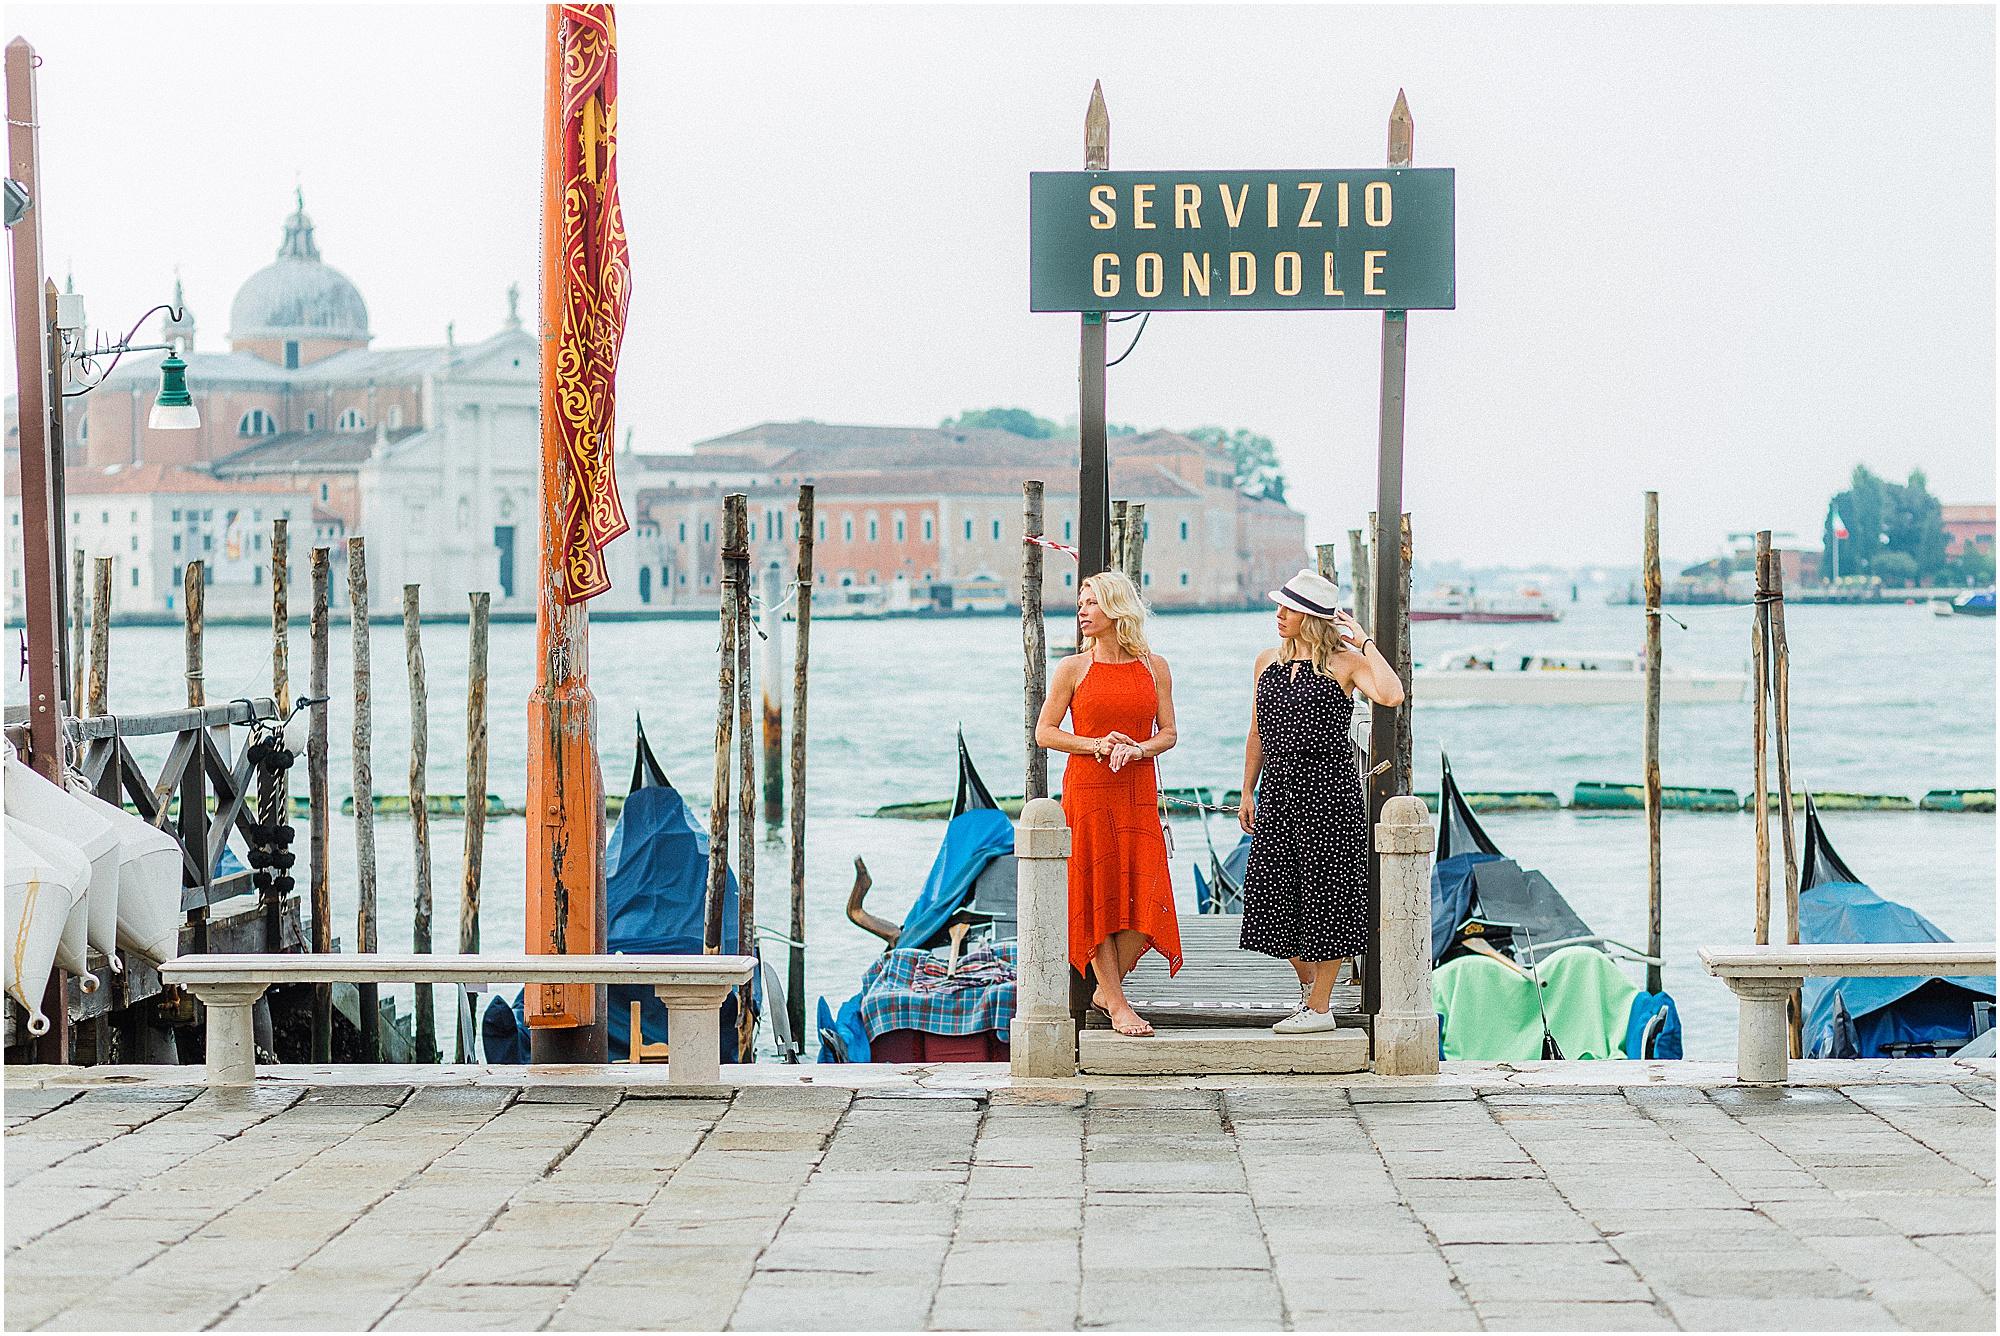 couple-lifestyle-photoshoot-in-venice-gondola-sunrise-stefano-degirmenci_0143.jpg